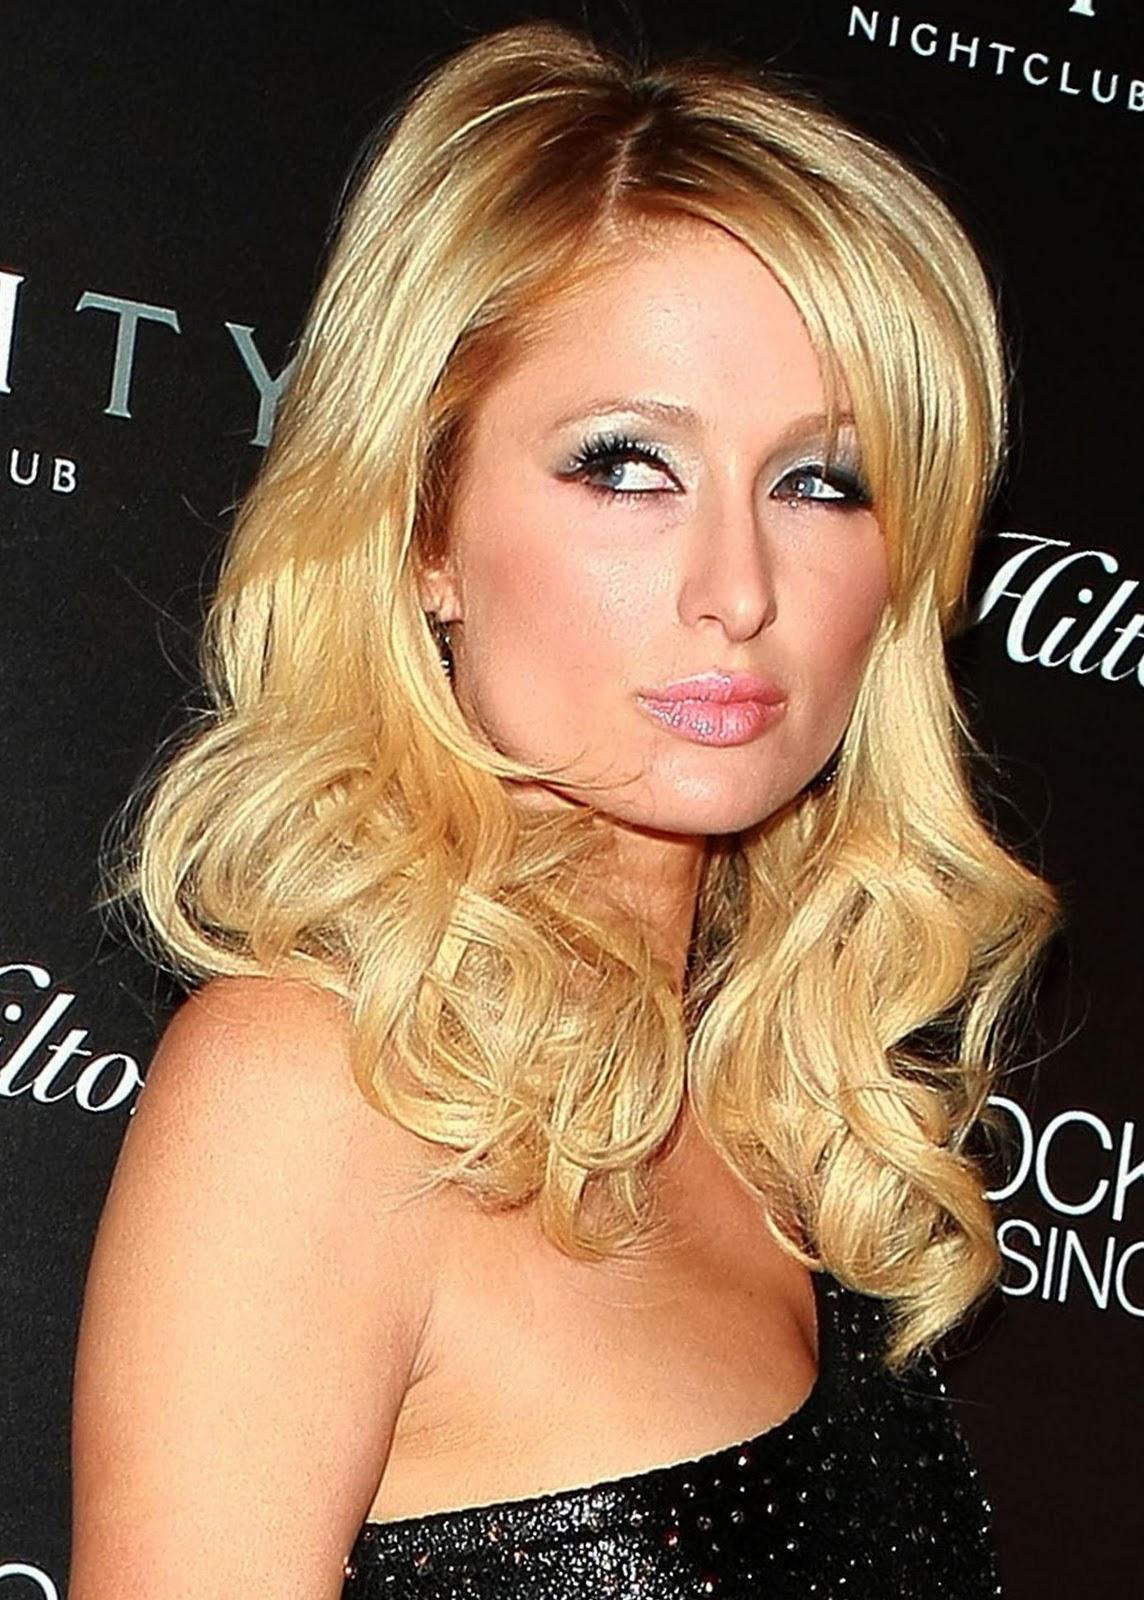 http://1.bp.blogspot.com/-LWCnSKVKjWY/Tuc2lkqHuuI/AAAAAAAAEfs/oPdgVm4Yvhc/s1600/Paris+Hilton+Wallpapers.jpeg